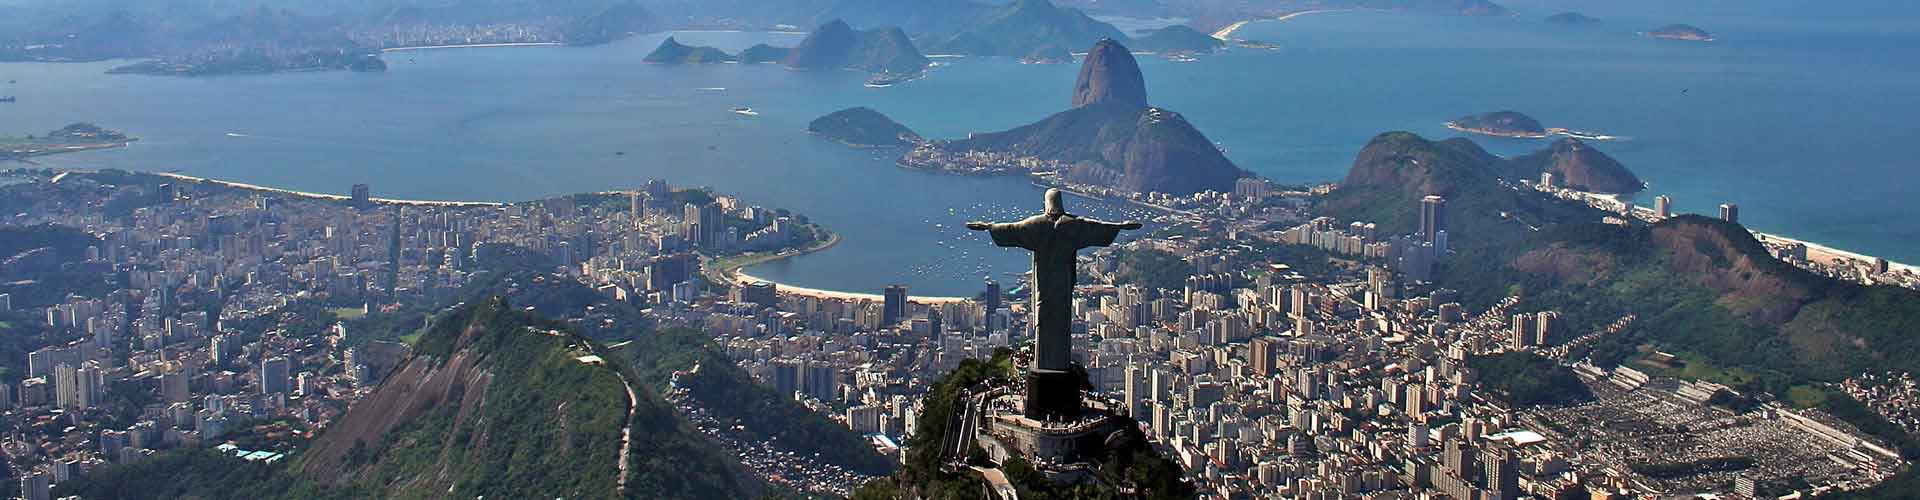 Río de Janeiro - Habitaciones en el distrito De Recreio Bandeirantes. Mapas de Río de Janeiro, Fotos y comentarios de cada Habitación en Río de Janeiro.